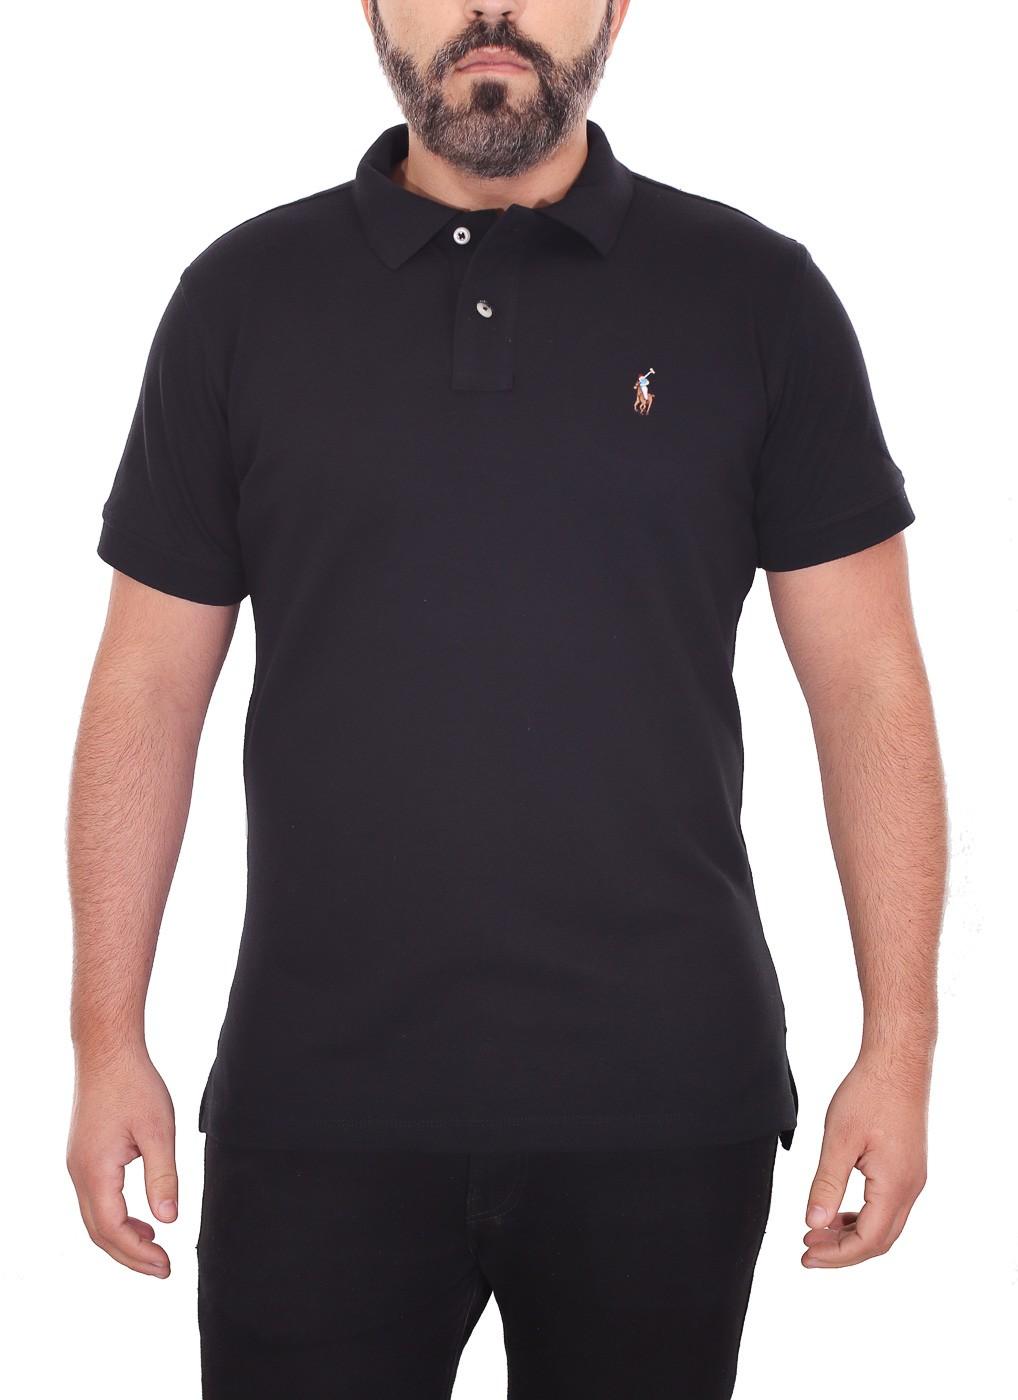 Polo Ralph Lauren Masculina Custom Fit Preto Logo Colored